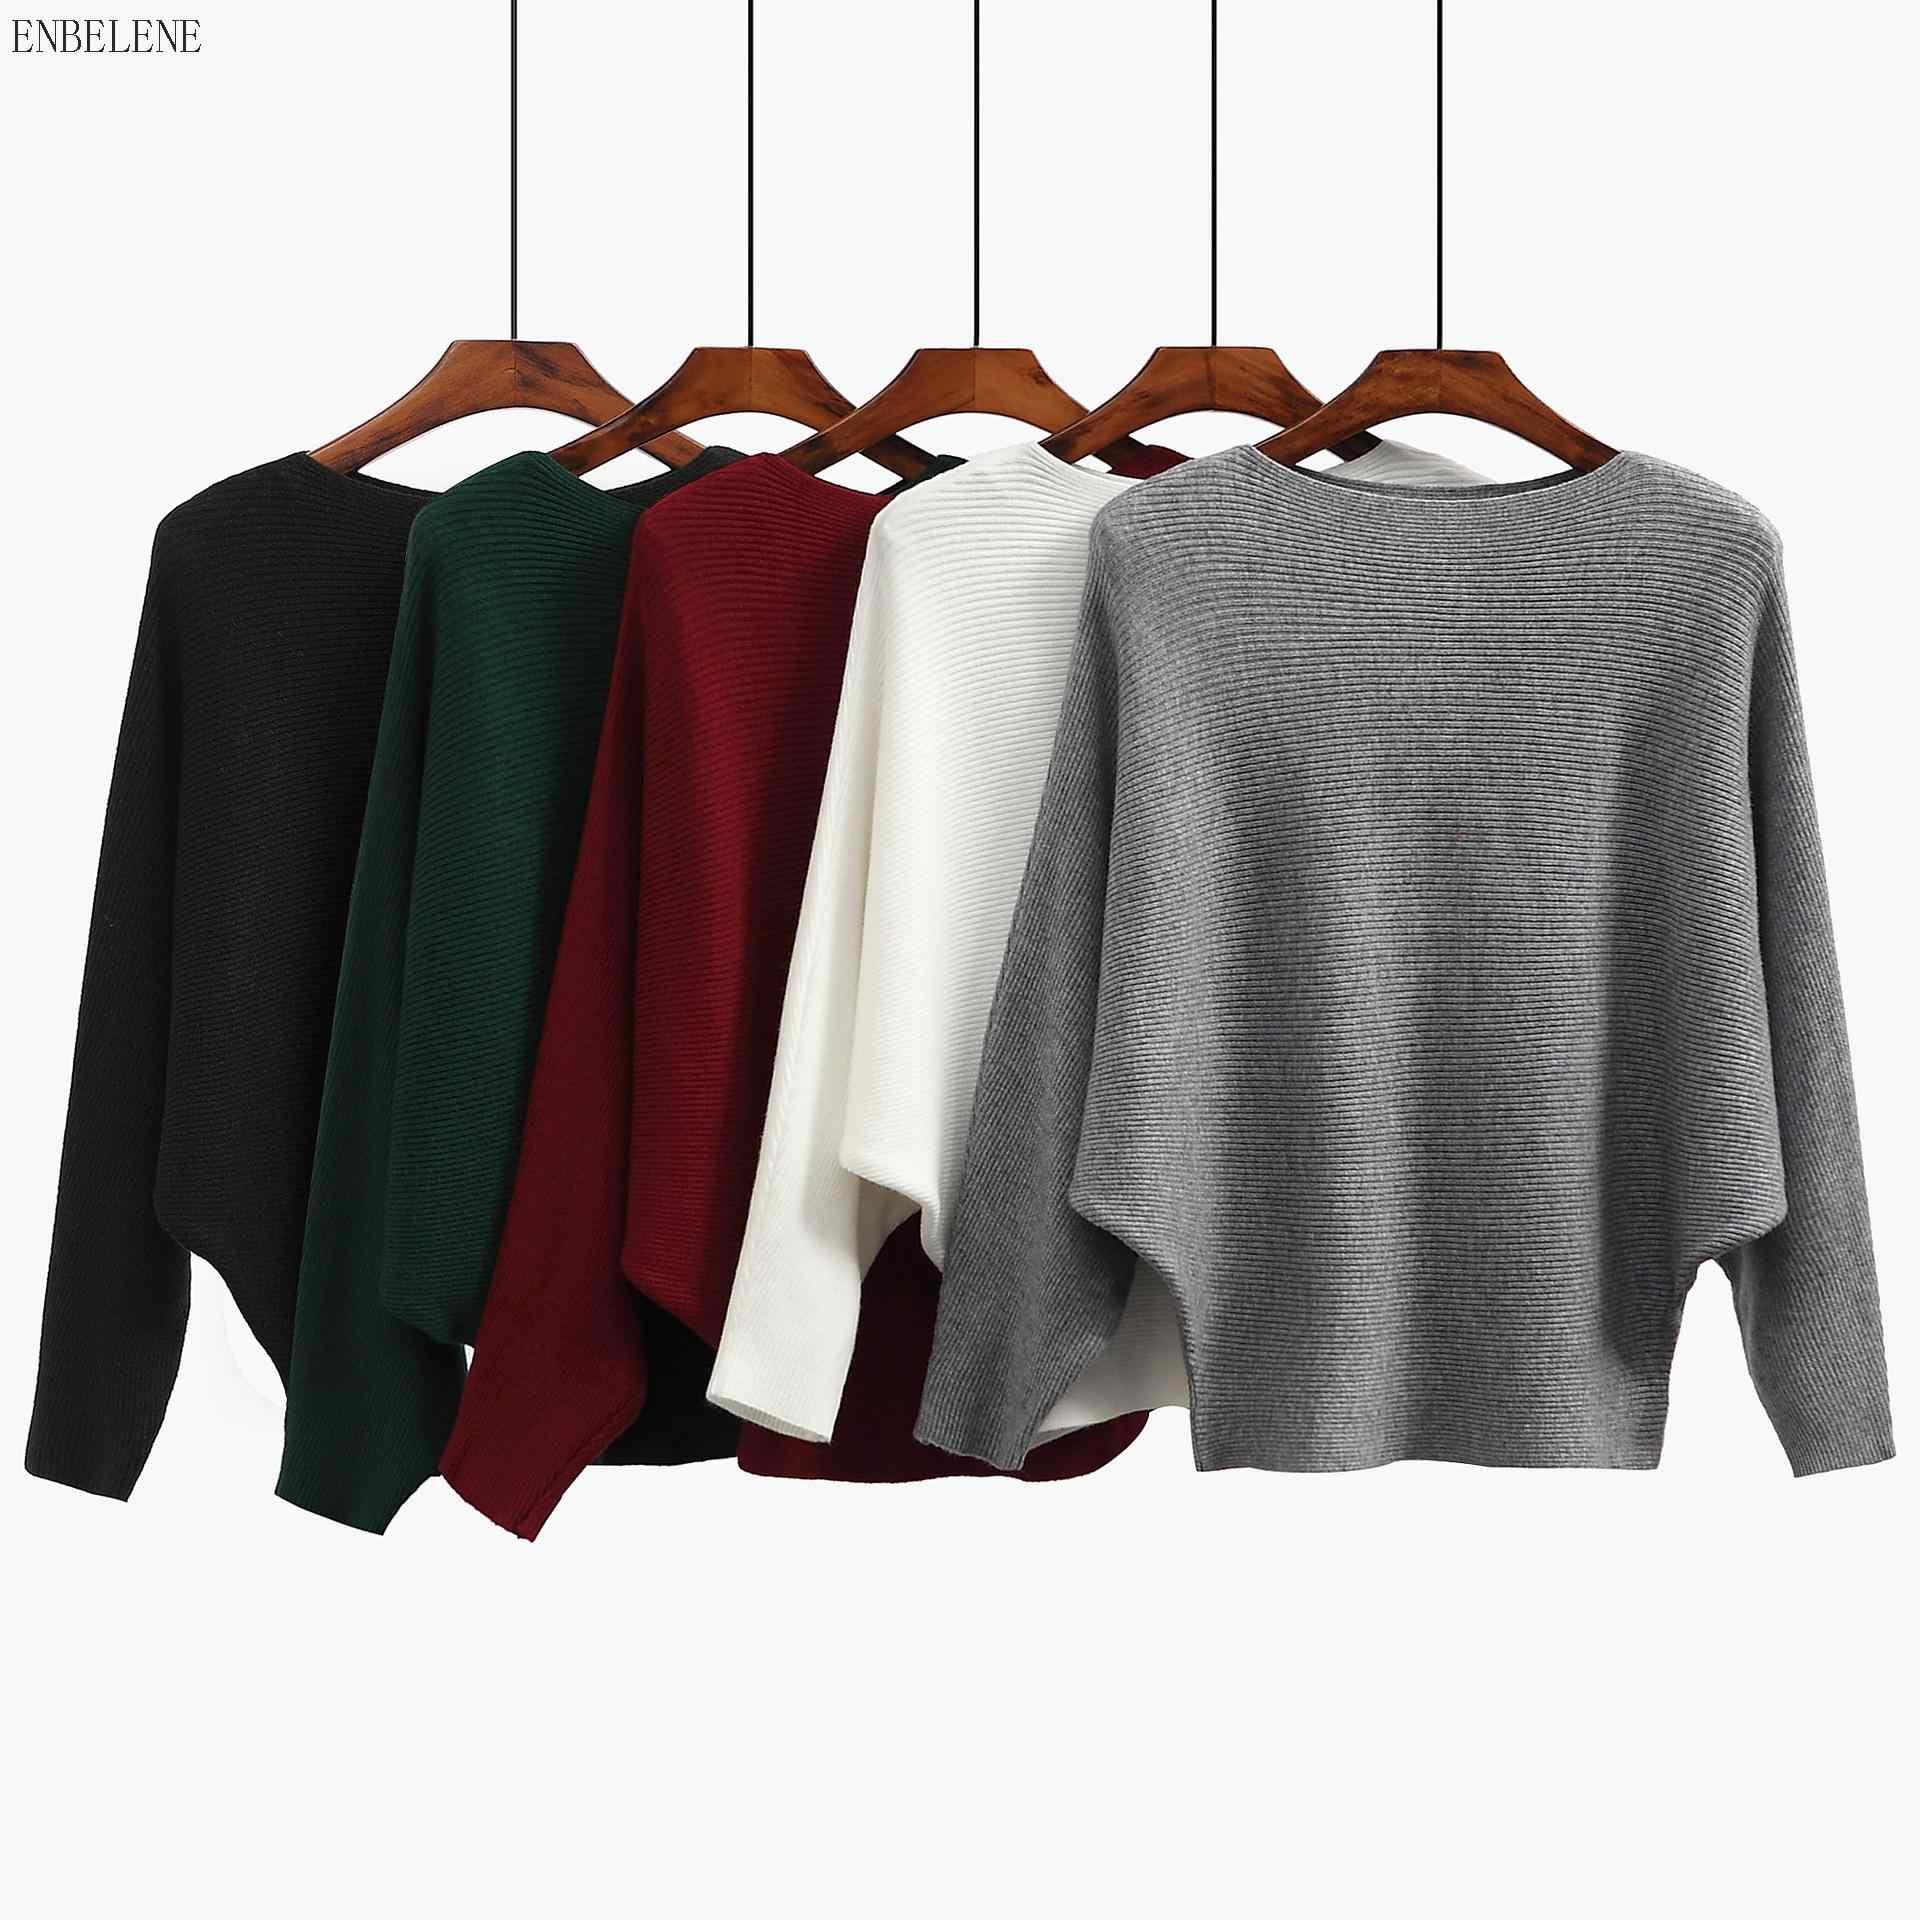 2019, Осенний пуловер с вырезом лодочкой, женский свитер, однотонный, серый, хаки, рукав летучая мышь, вязанная блузка для женщин, свободные повседневные топы для девушек, GJ266